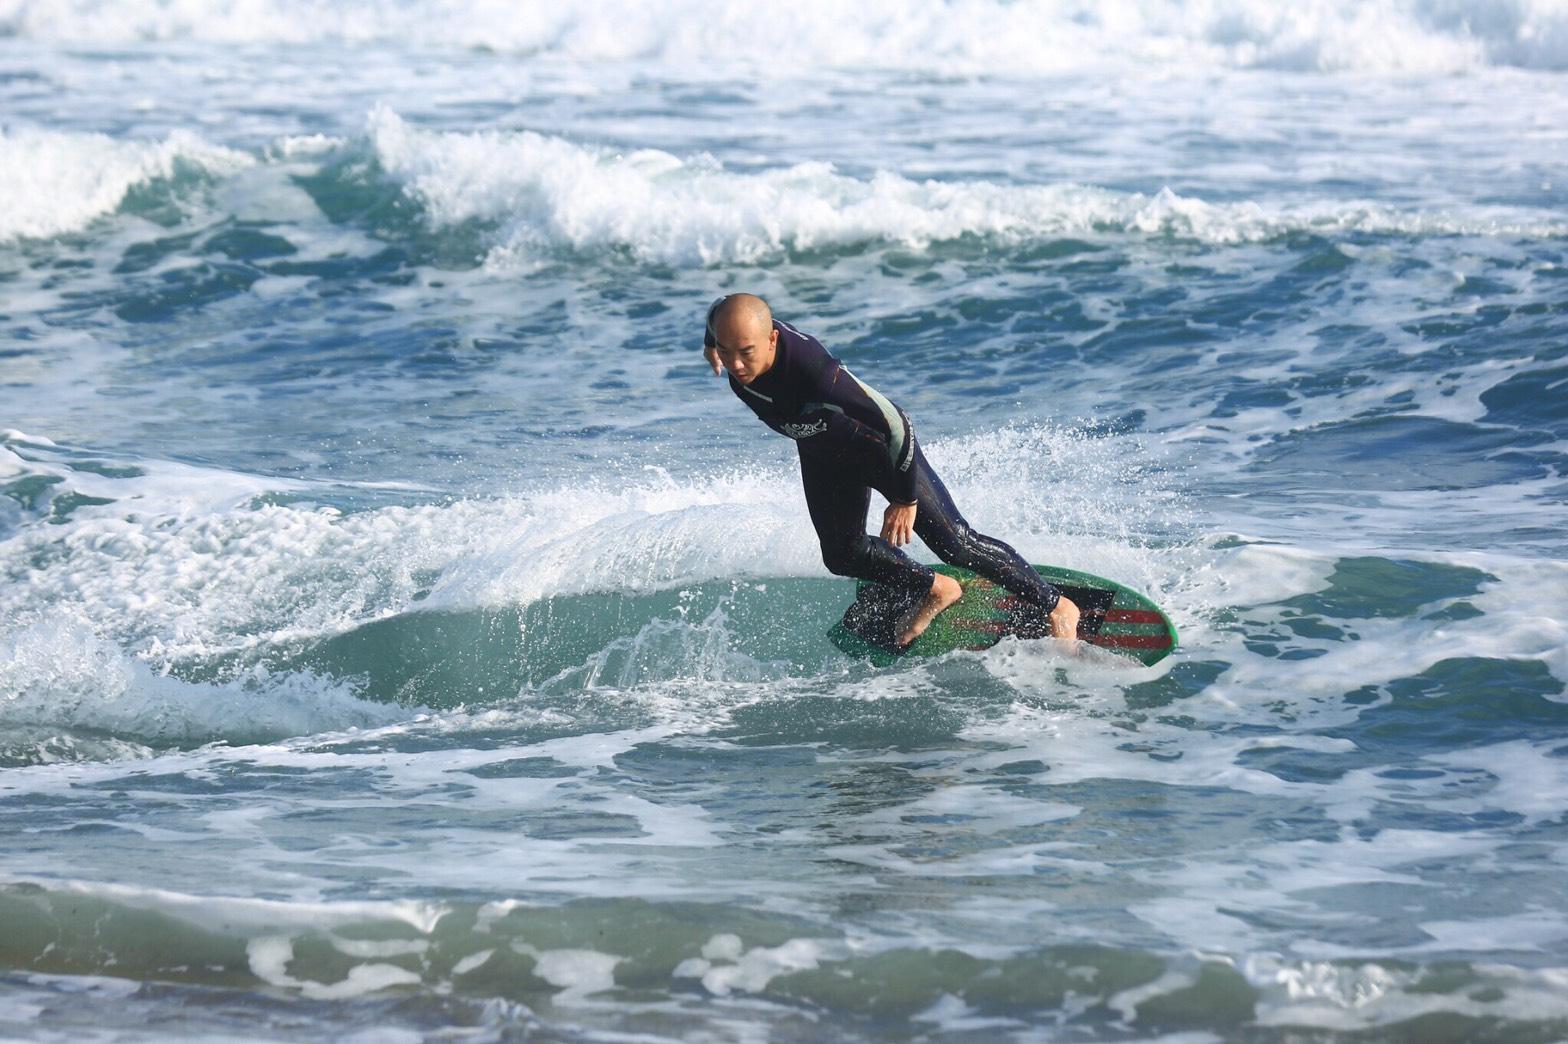 中角灣國際衝浪基地啟用  青春山海線-運動觀光新景點